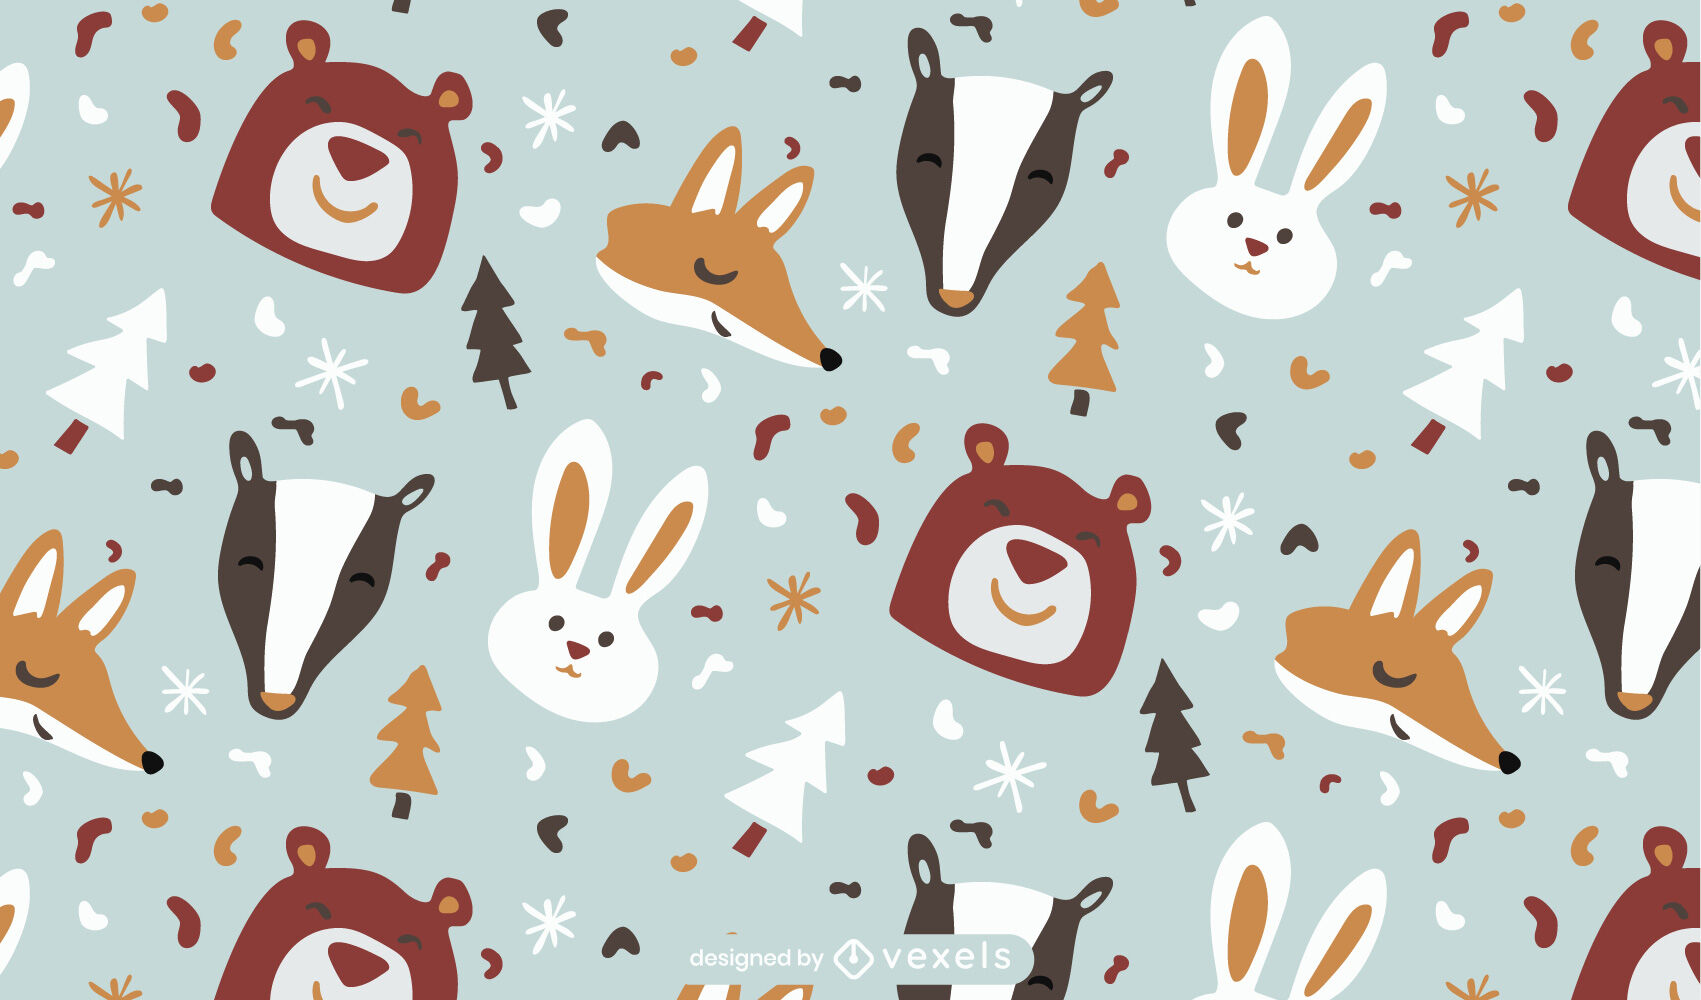 Animals in winter flat pattern design